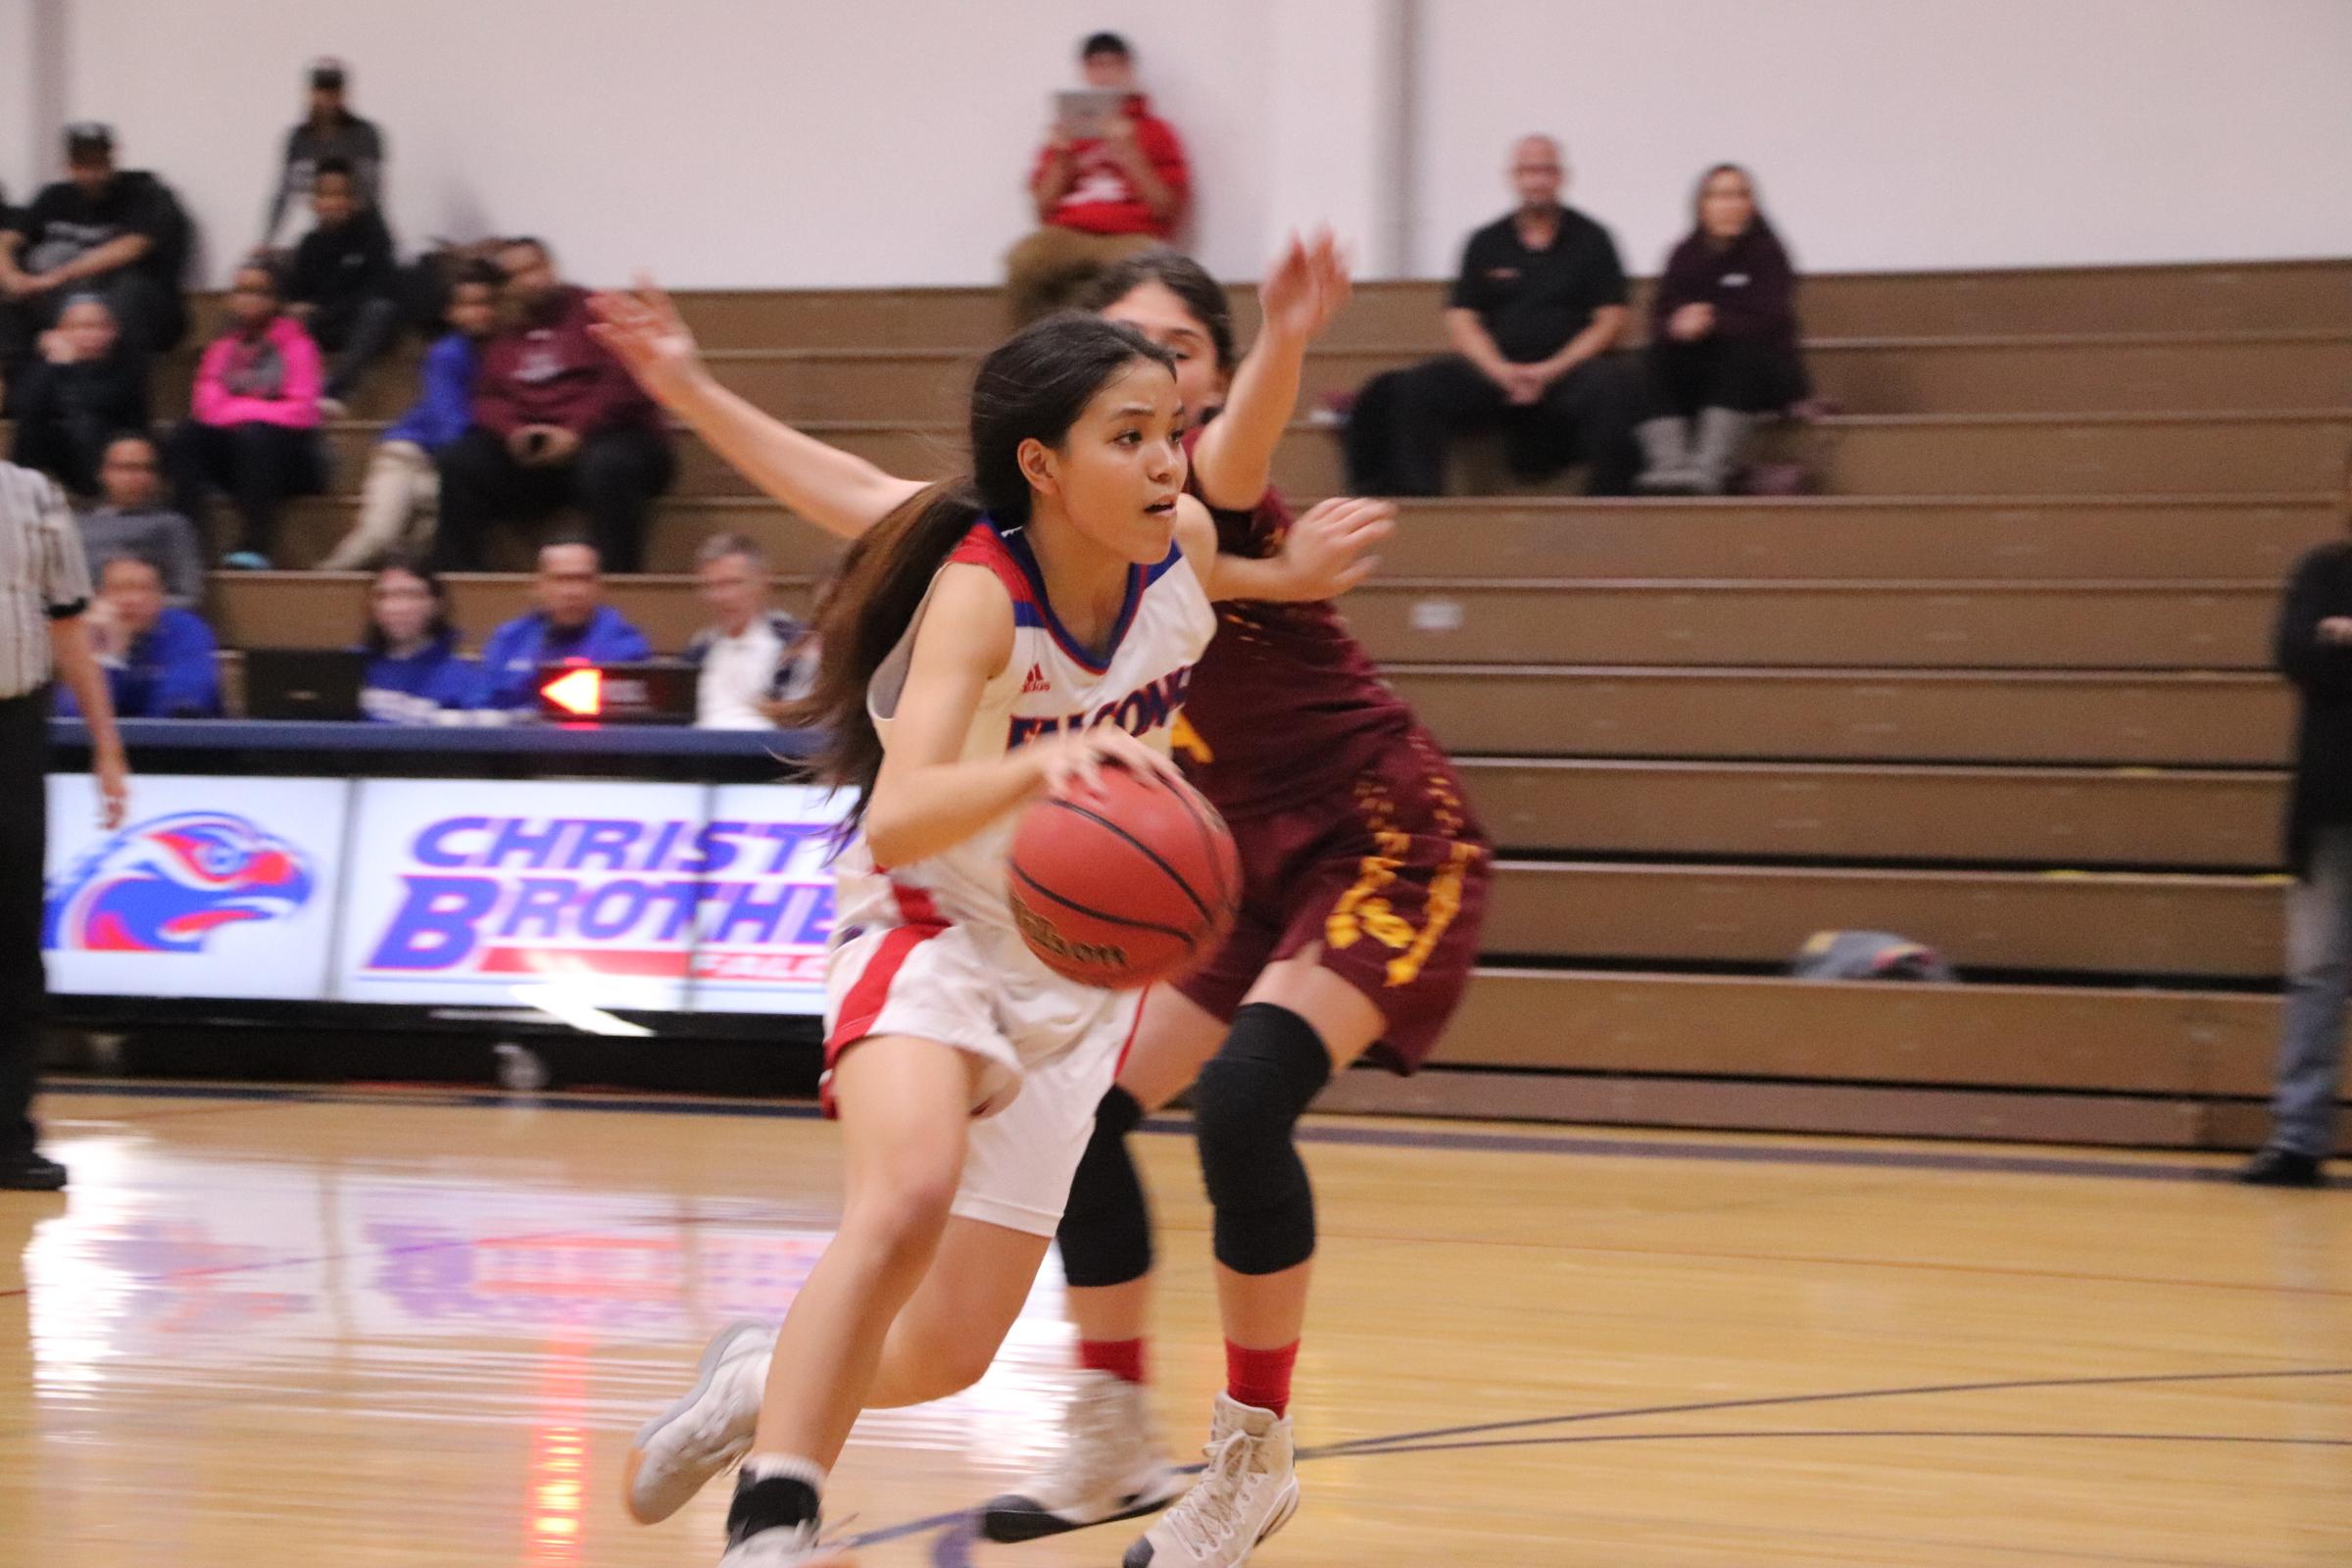 Women's Basketball Walks Through The First Round Of Playoffs